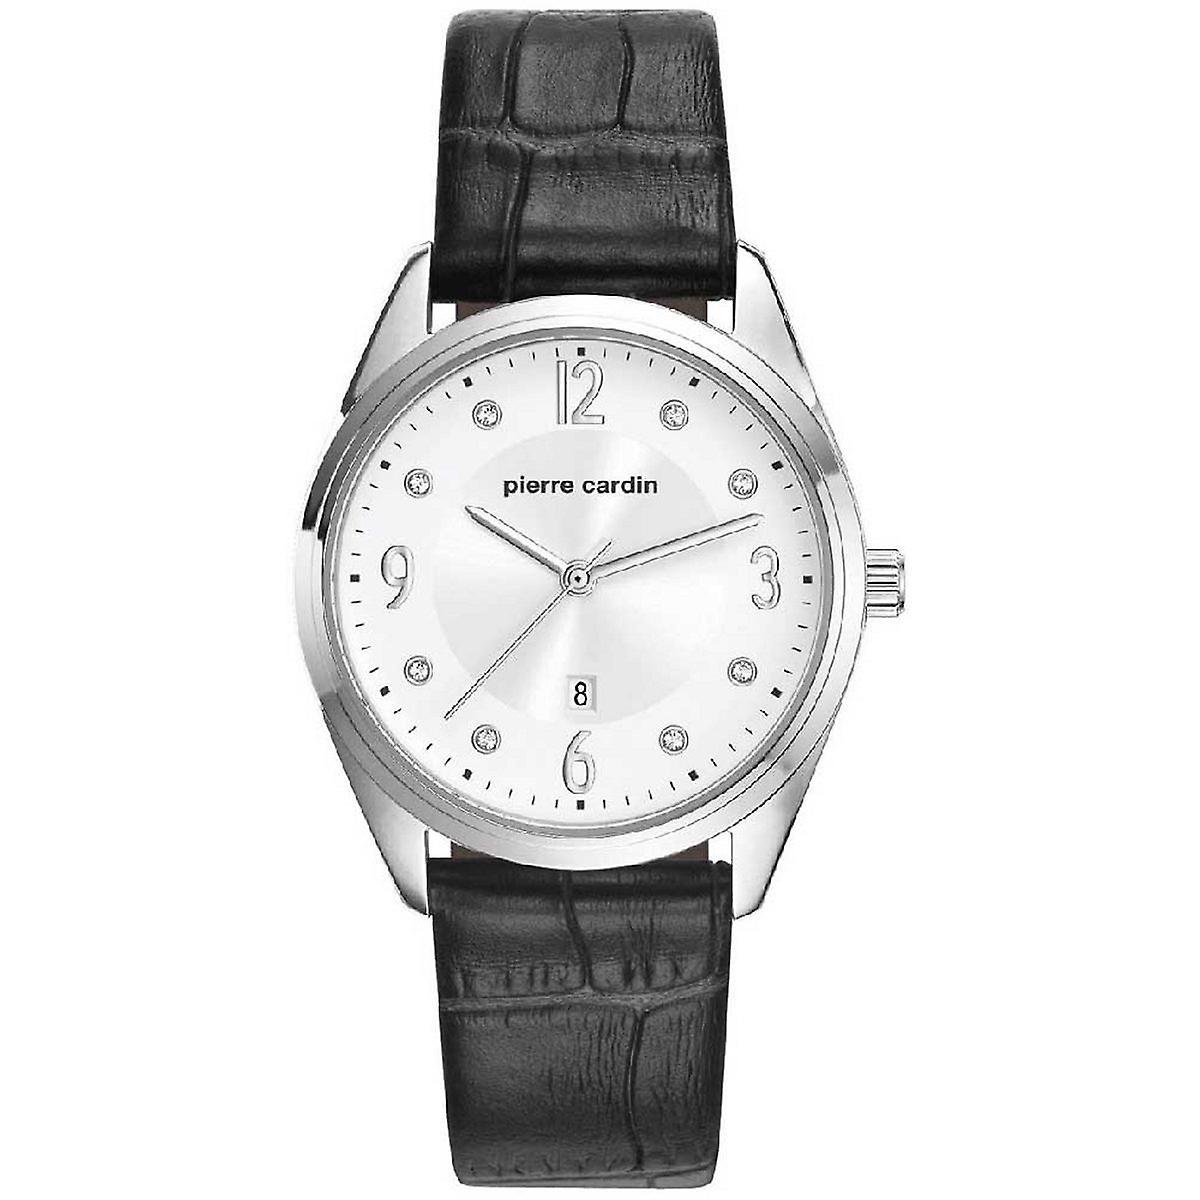 Pierre Cardin Damen Uhr Armbanduhr Bourse Leder PC107862F01